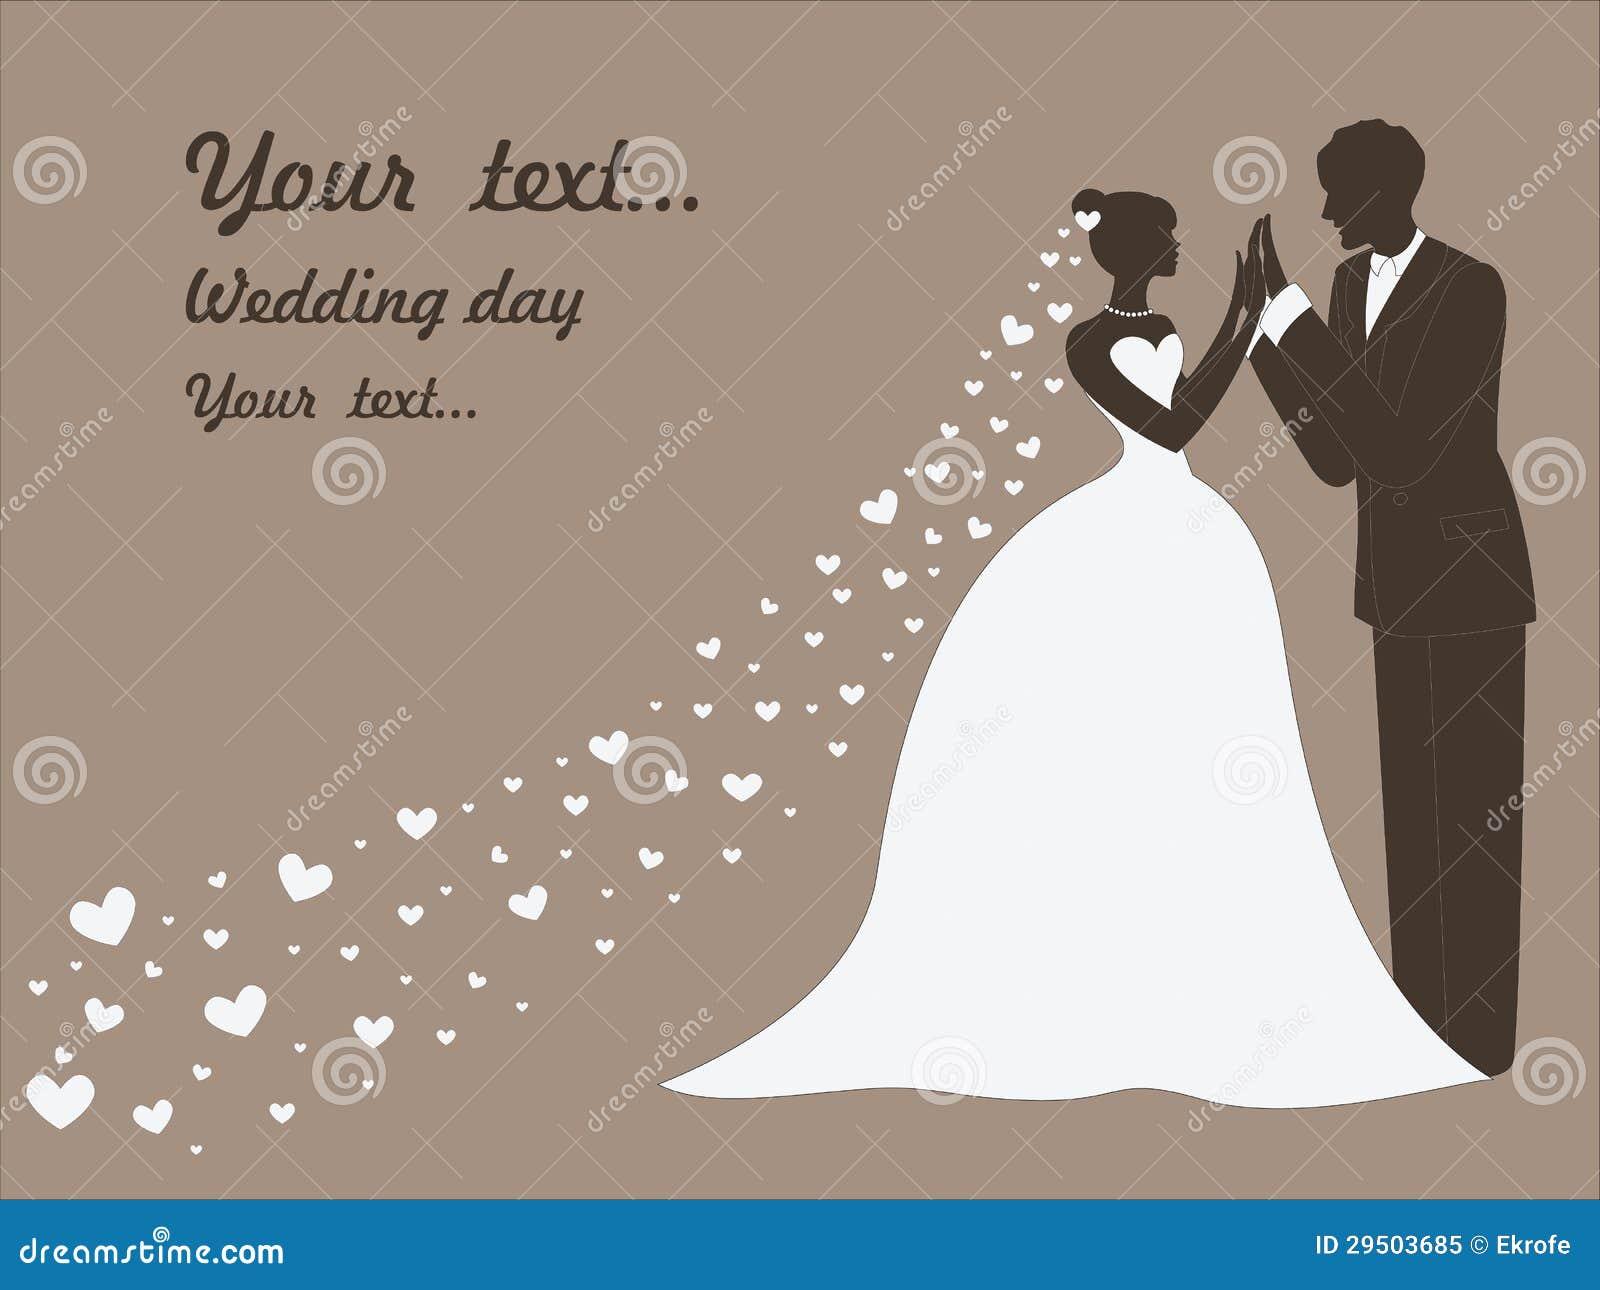 向量与已婚夫妇的喜帖 免版税库存照片 - 图片: 29503685